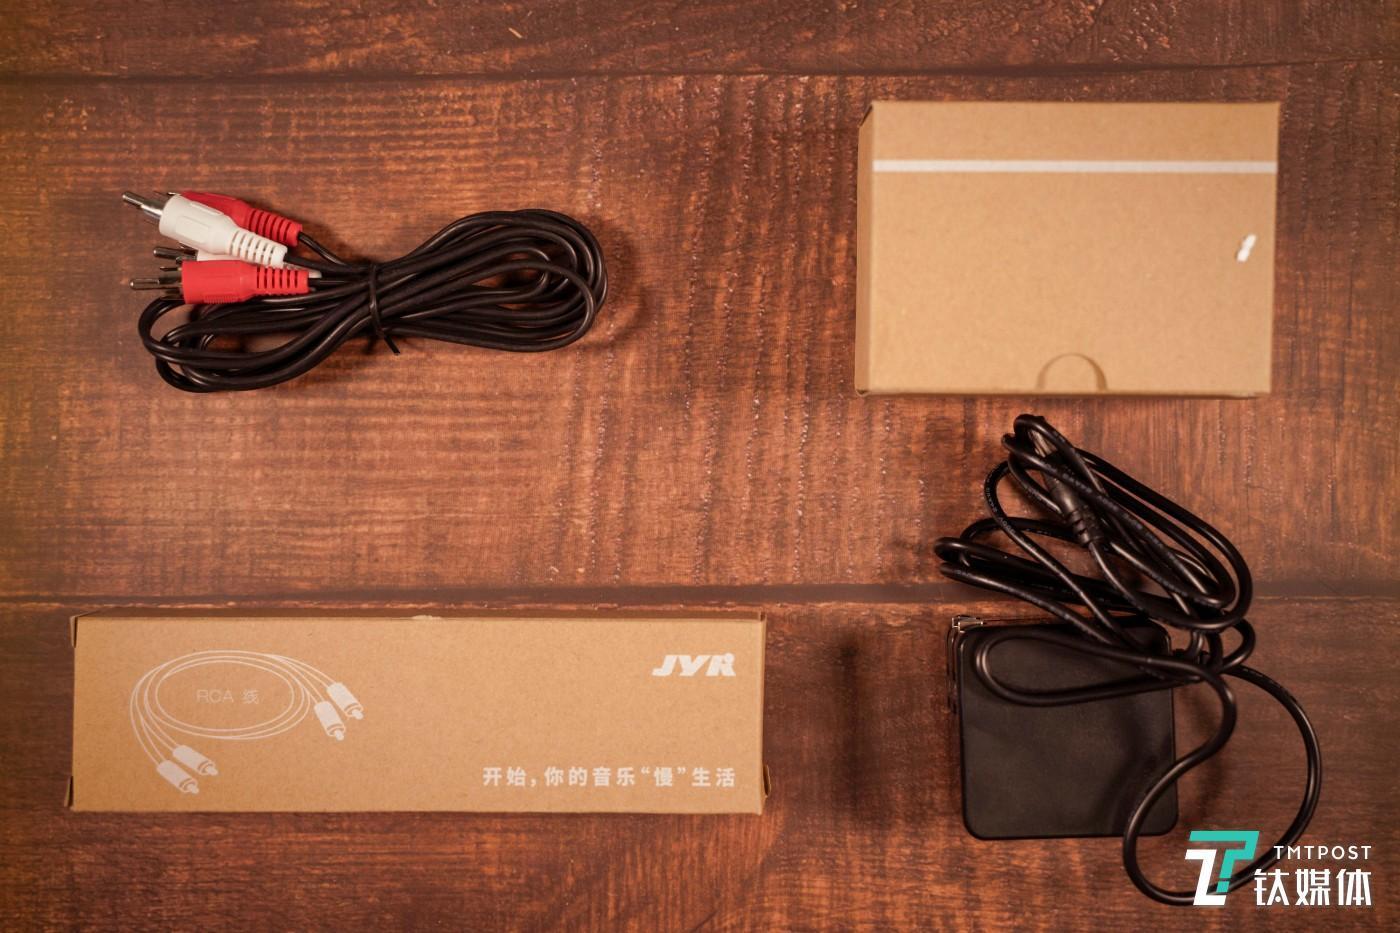 配件包括音频线和电源线